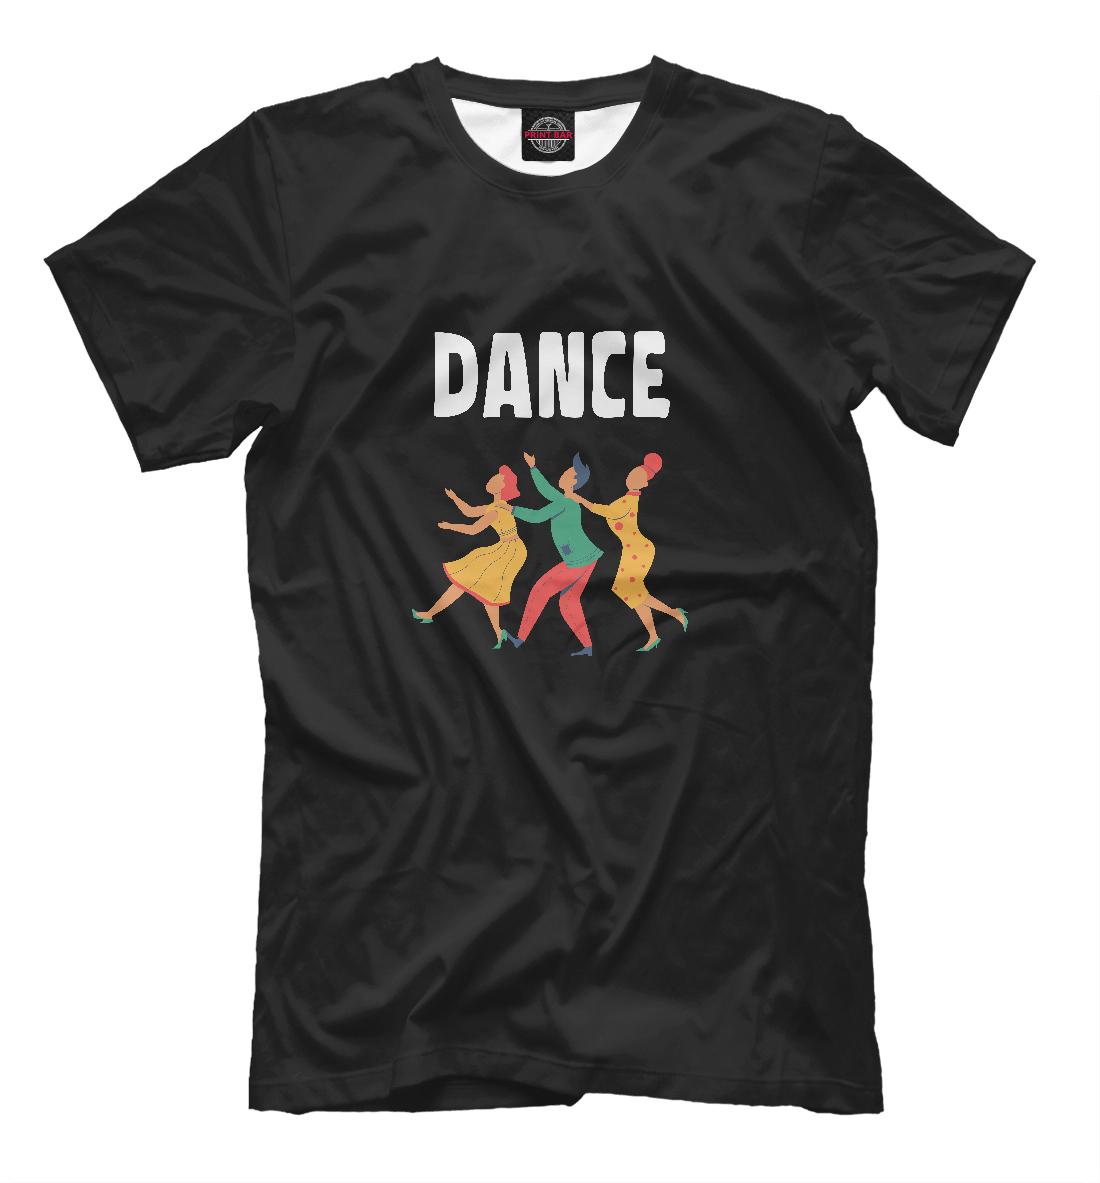 «Танцы» — футболка мужская, артикул: DNC-292845-fut-2